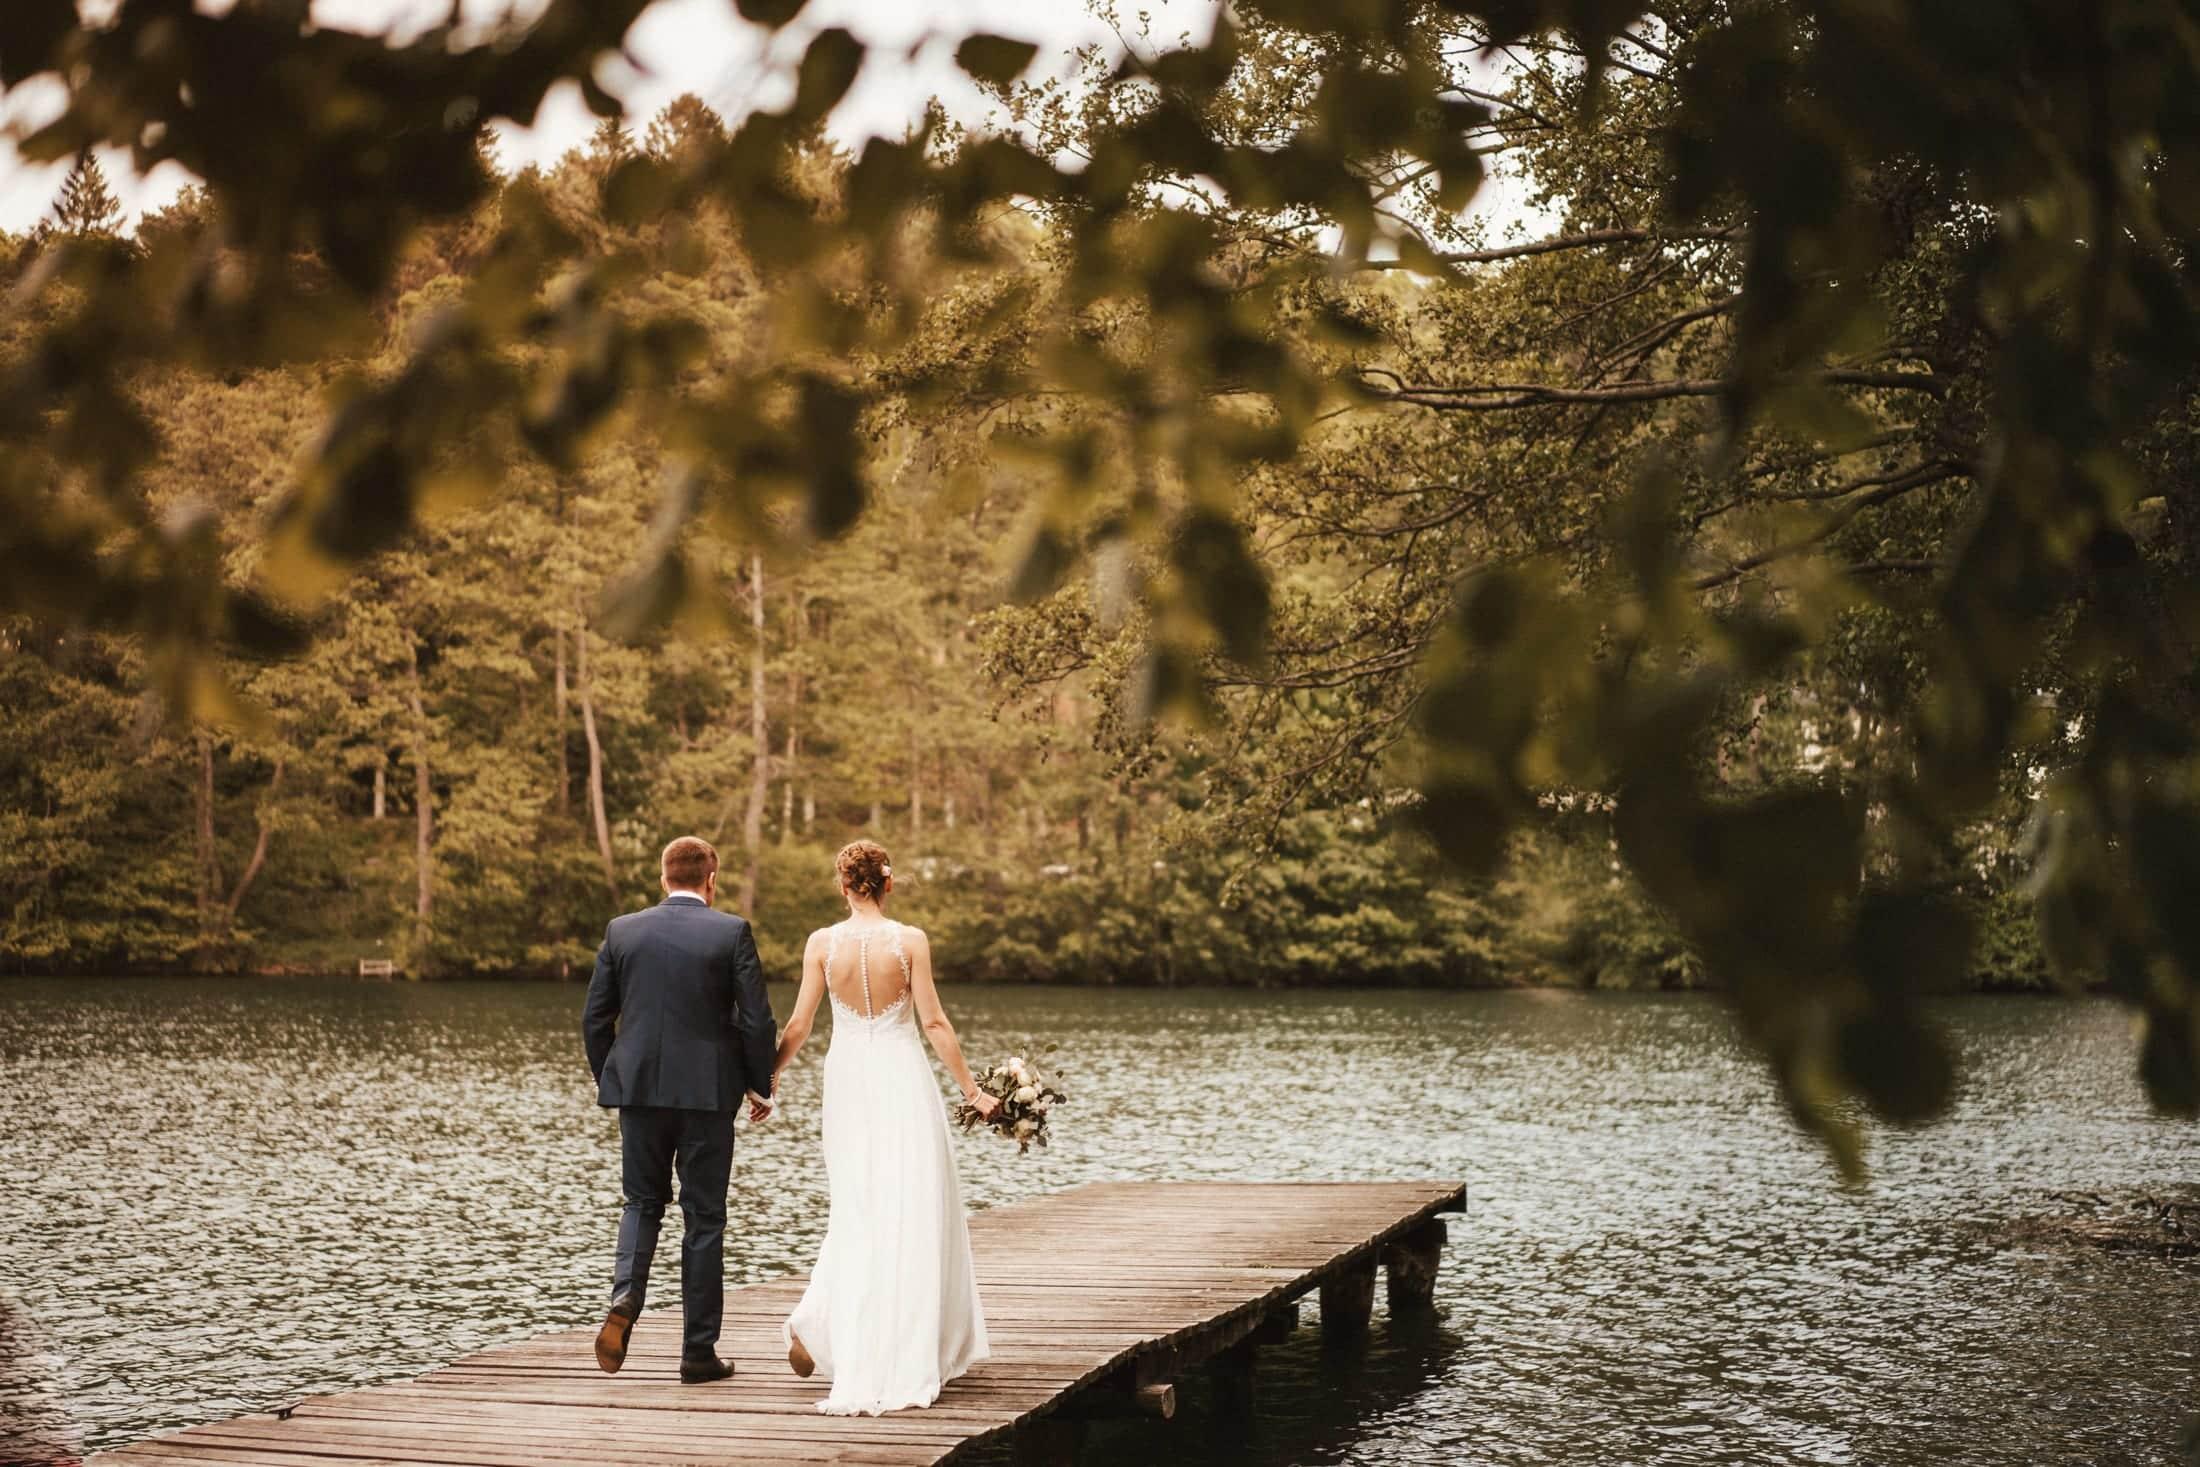 Das Brautpaar genießt gemeinsam einen ruhigen Moment. Sie gehen den Steg herab, während Ihre Gäste von einem Entertainer unterhalten werden.